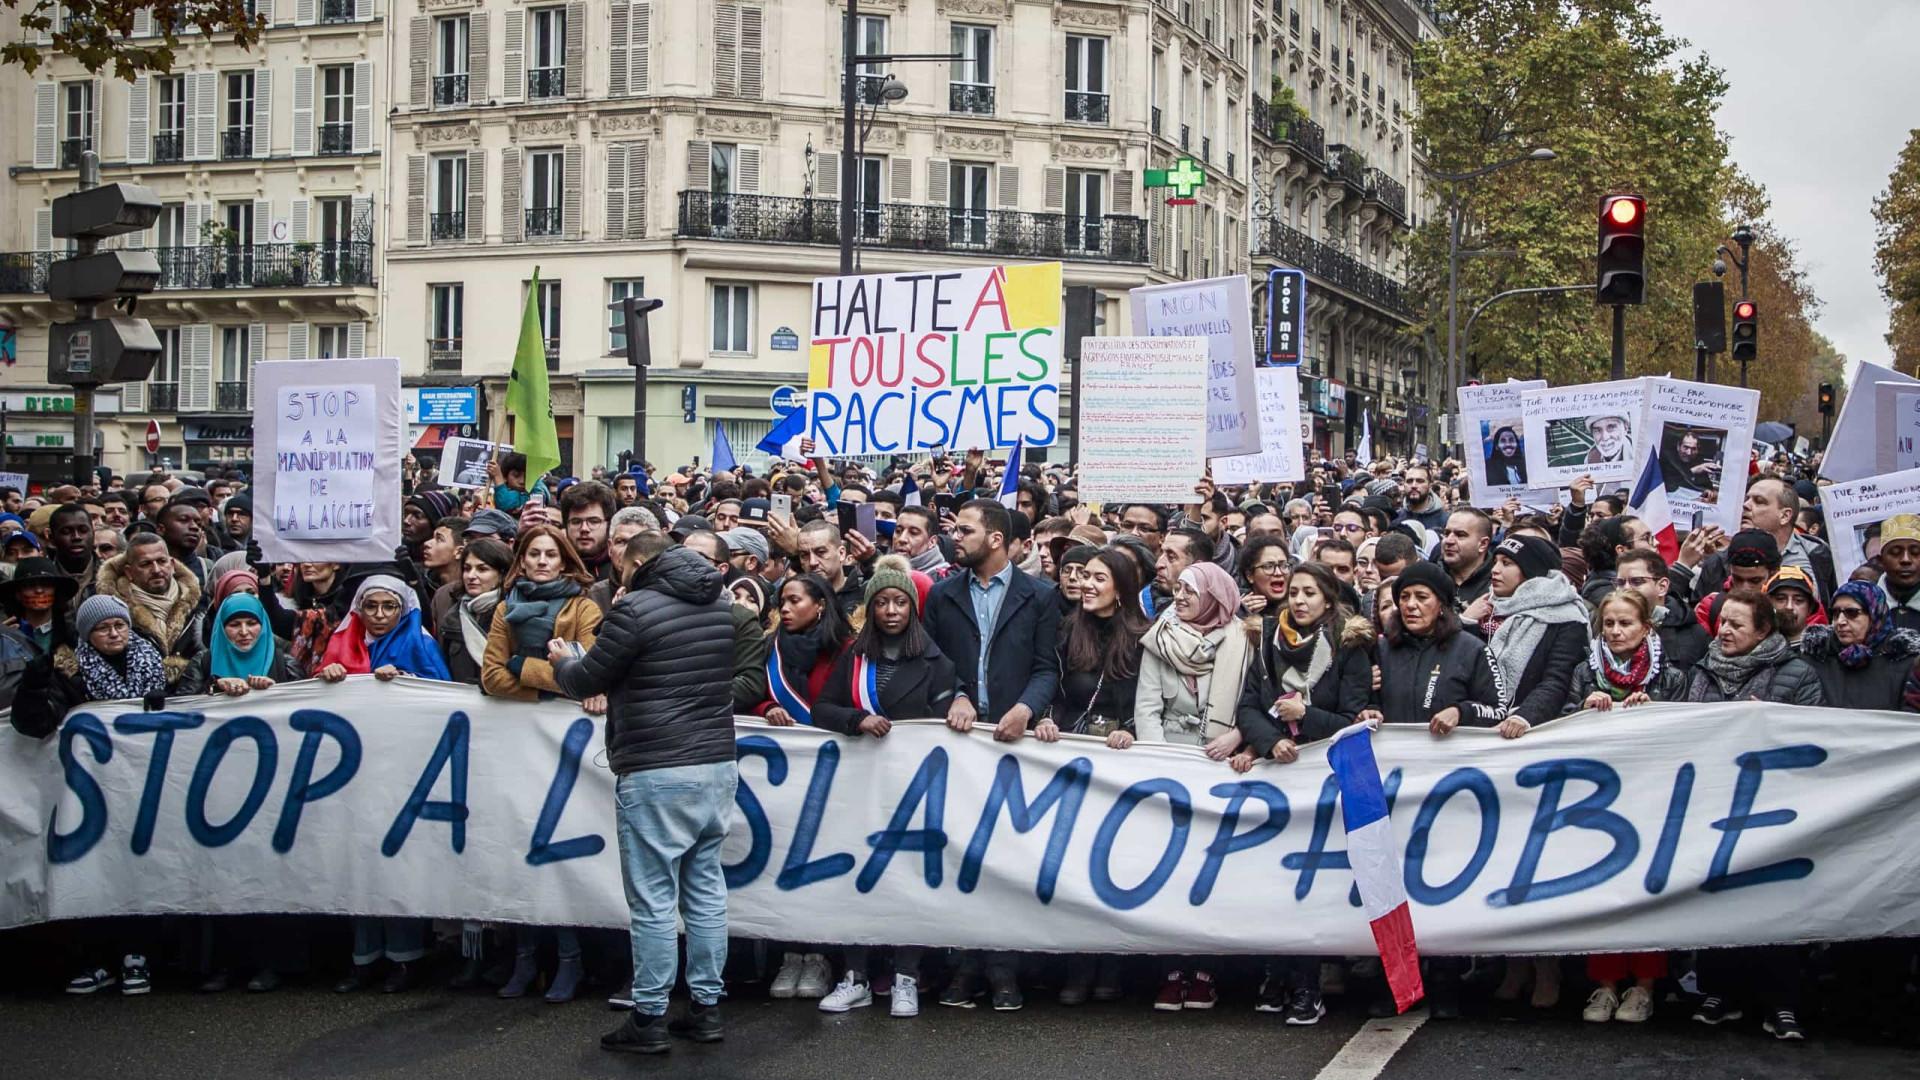 Milhares participaram em Paris numa marcha contra a islamofobia